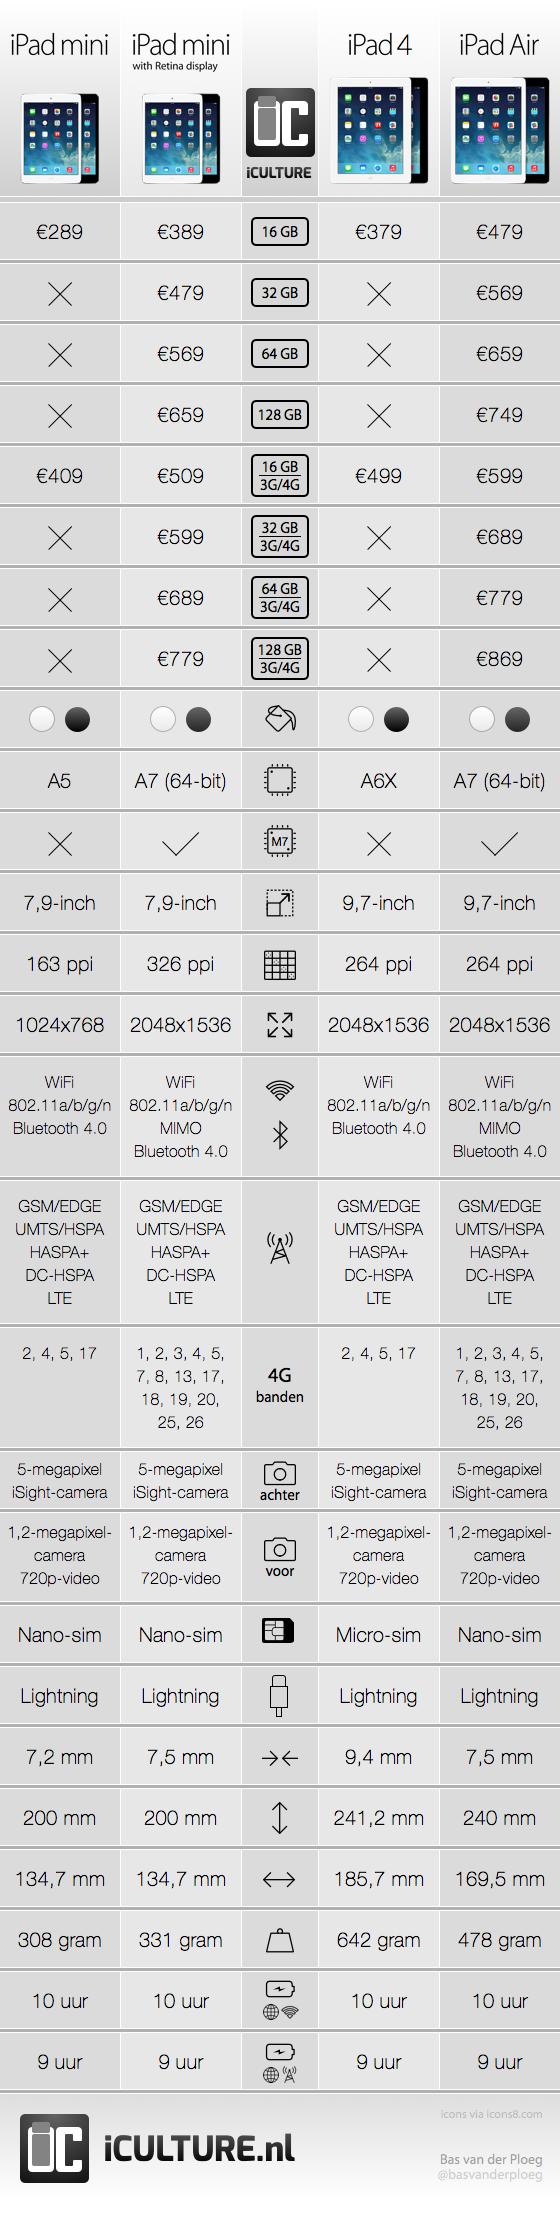 iPad Infographic 2014